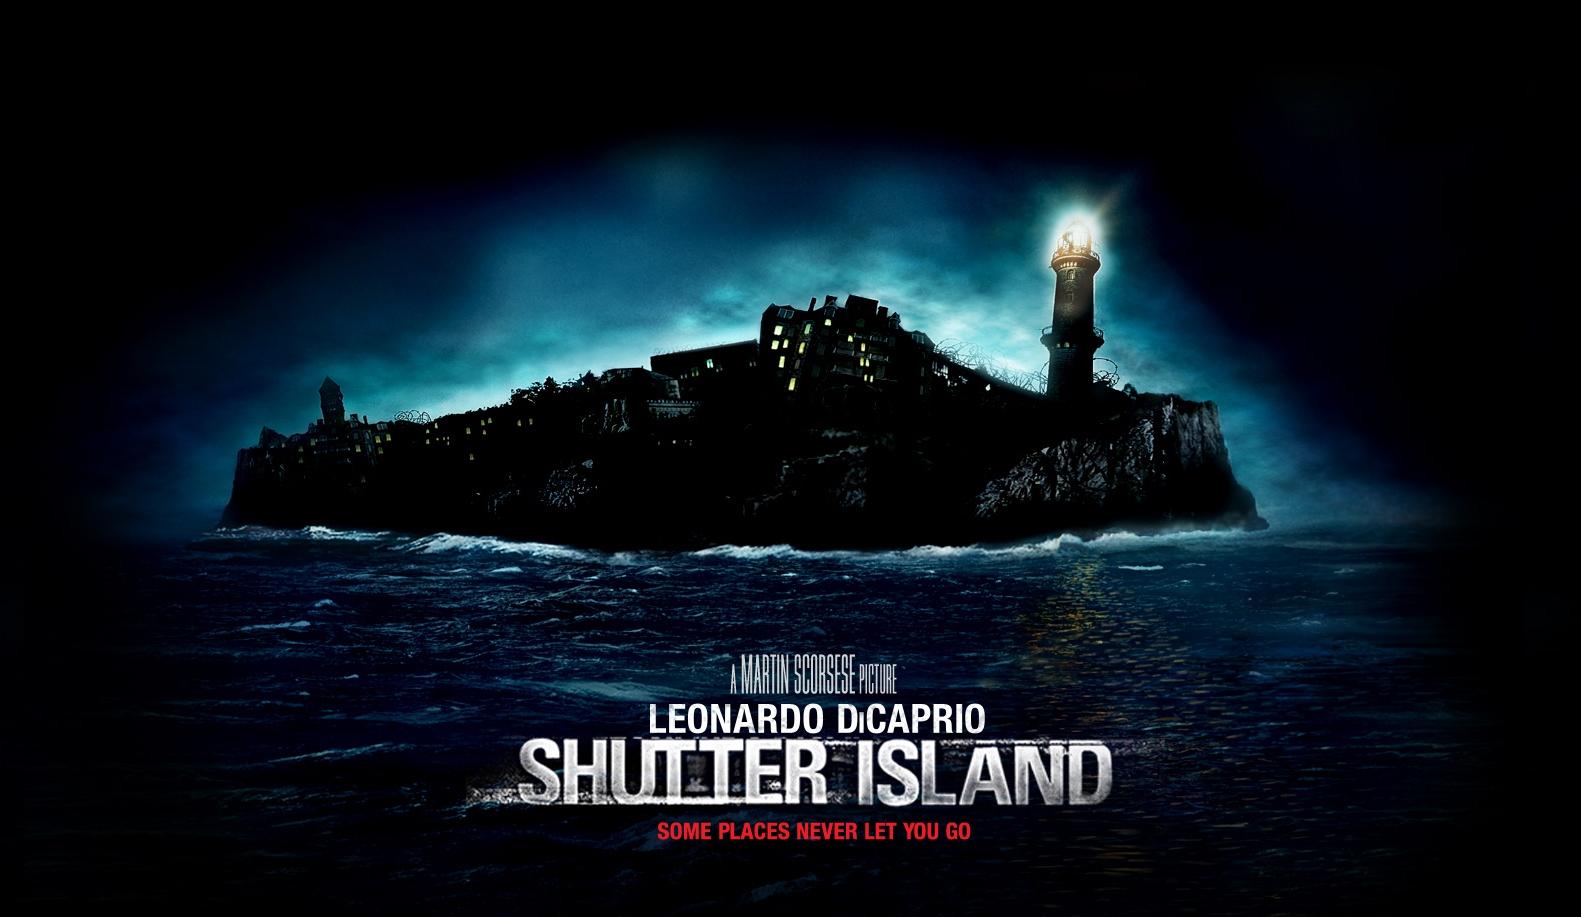 shutter_island_wallpaper_1600x1200_03